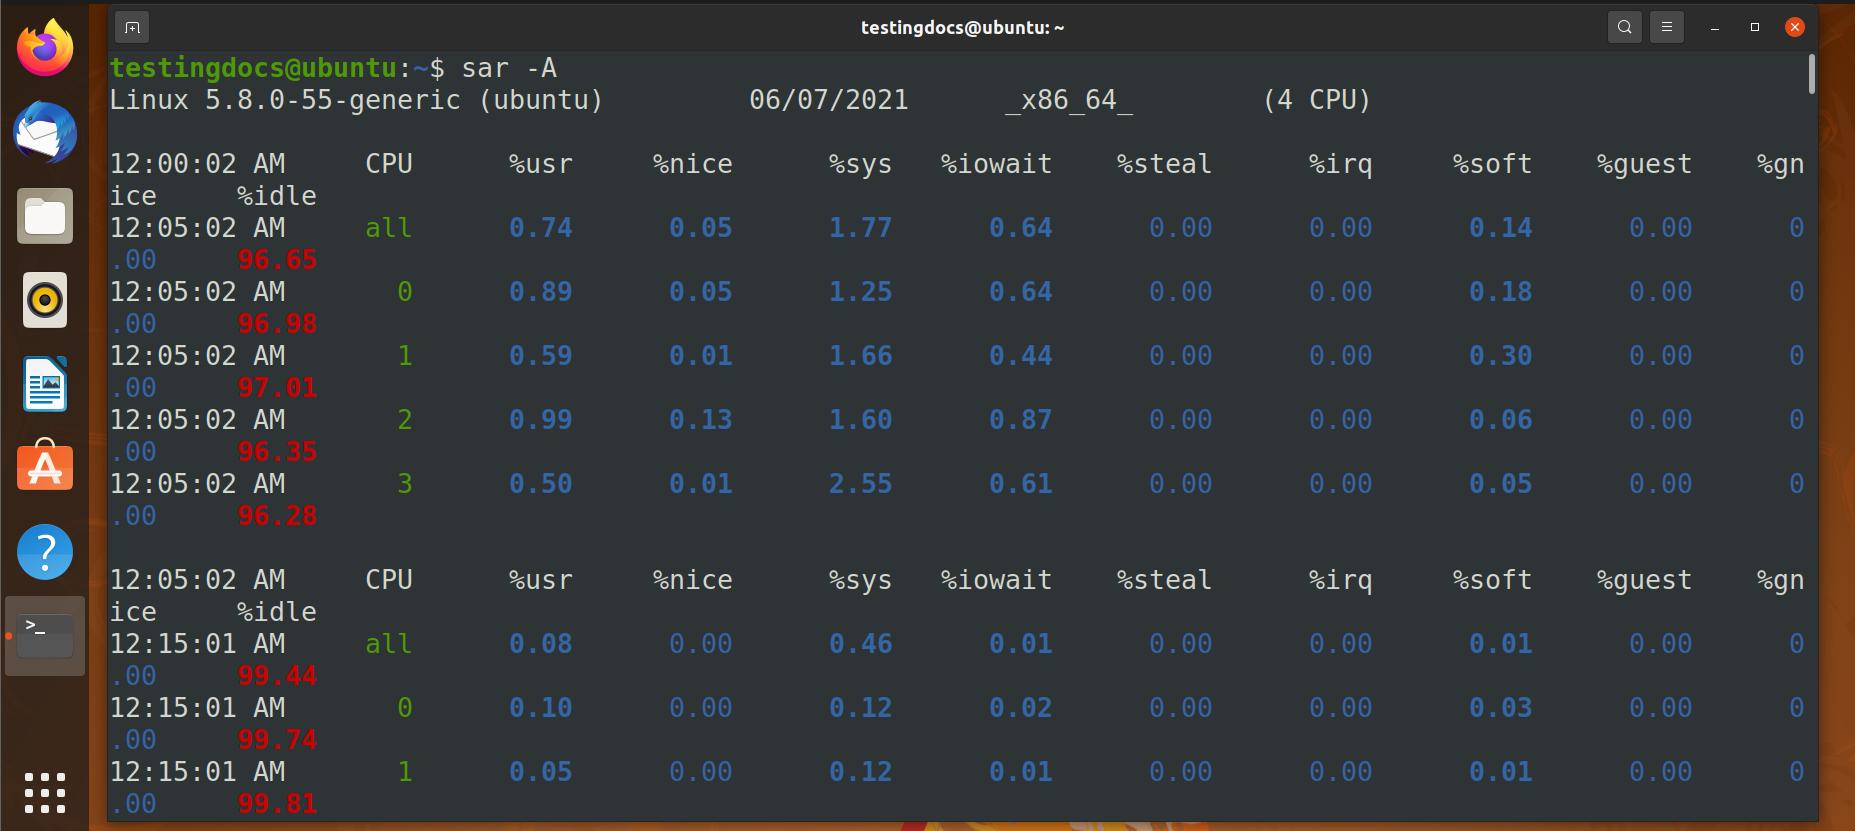 sar command output